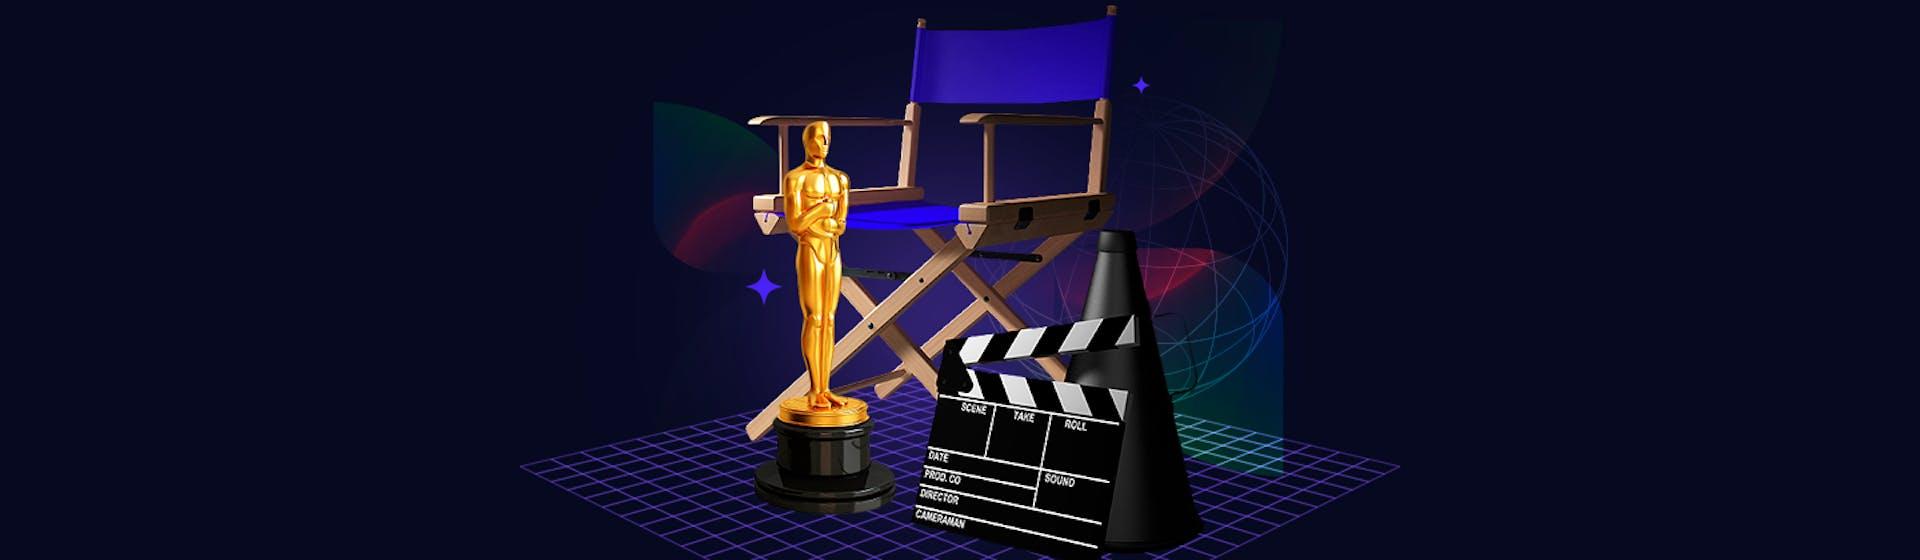 El equipo de producción con el que lograrás productos audiovisuales dignos de un Óscar